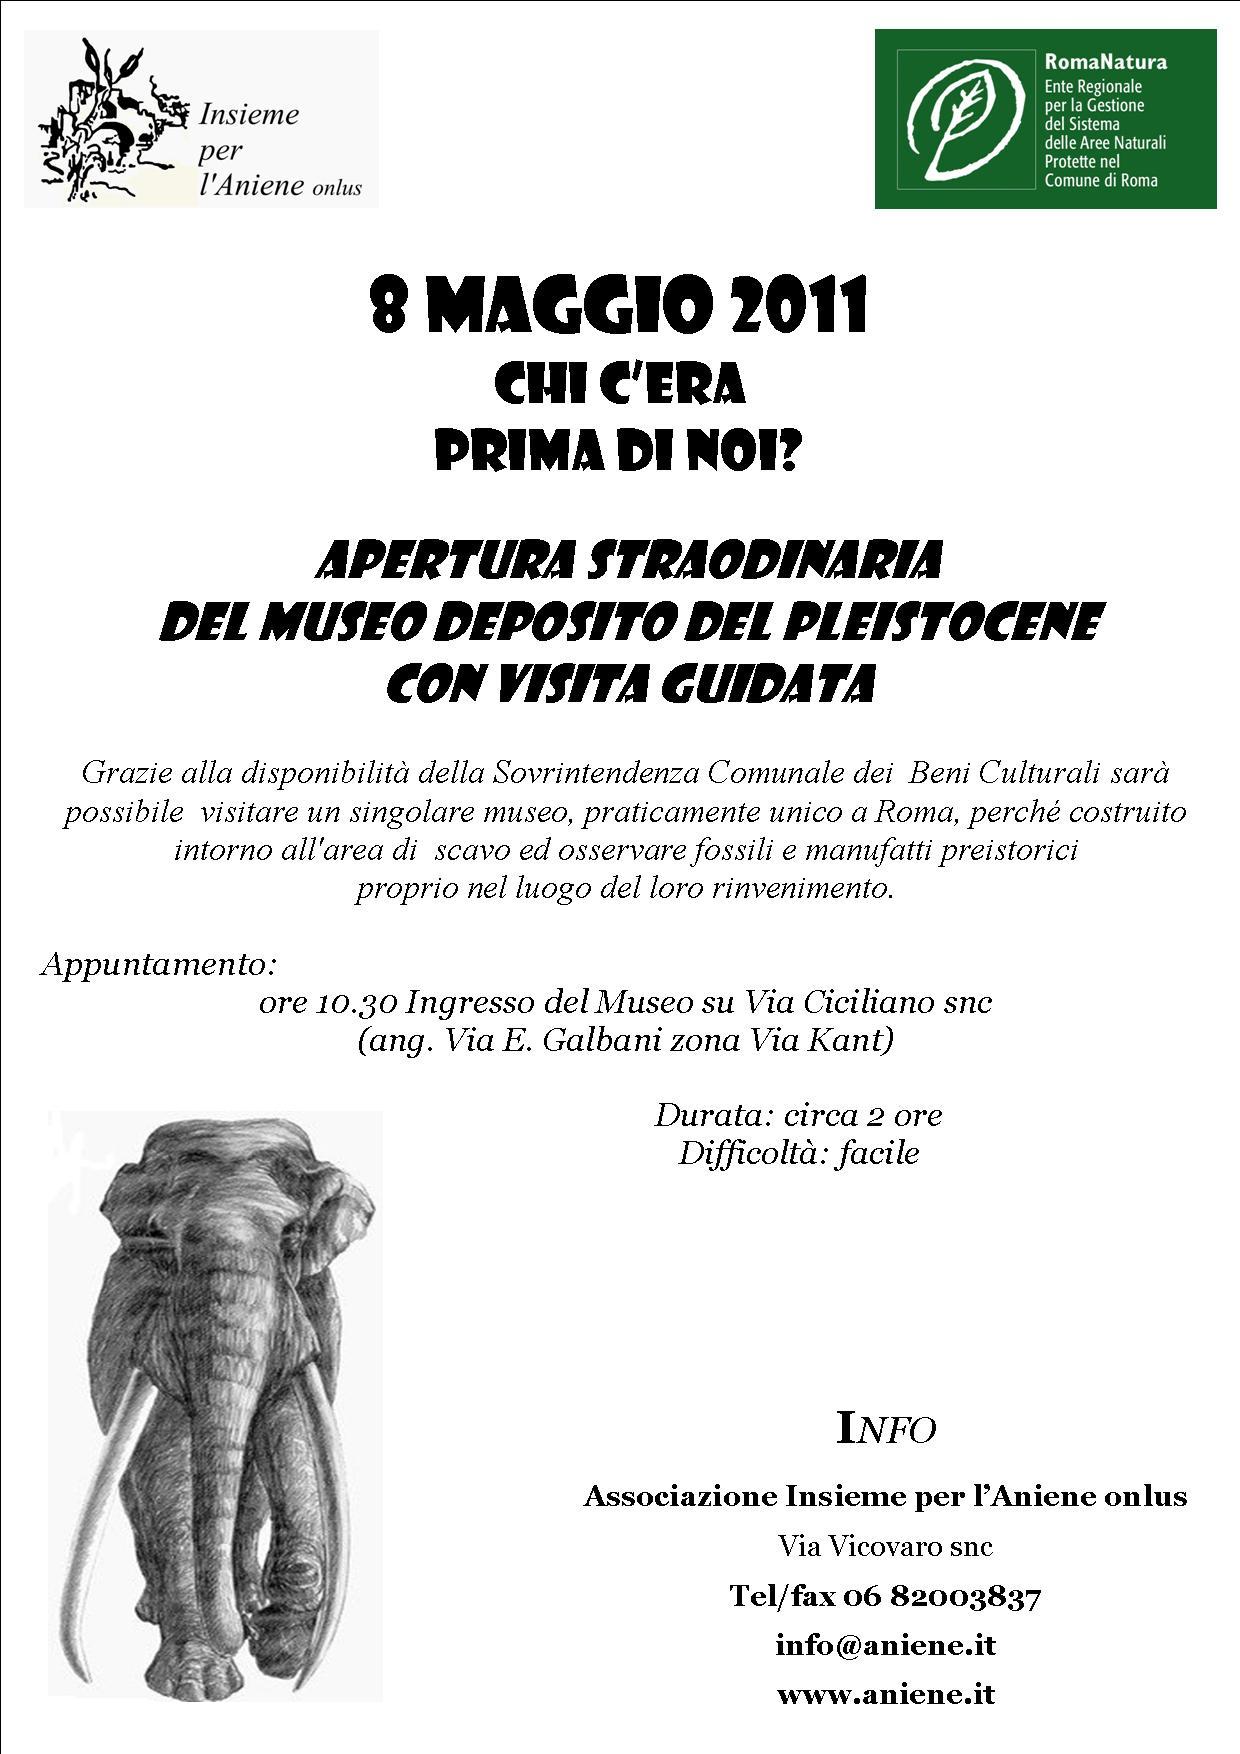 ANNULLATA 8 MAGGIO 2011 APERTURA STRAORDINARIA DEL MUSEO DEPOSITO DEL PLEISTOCENE